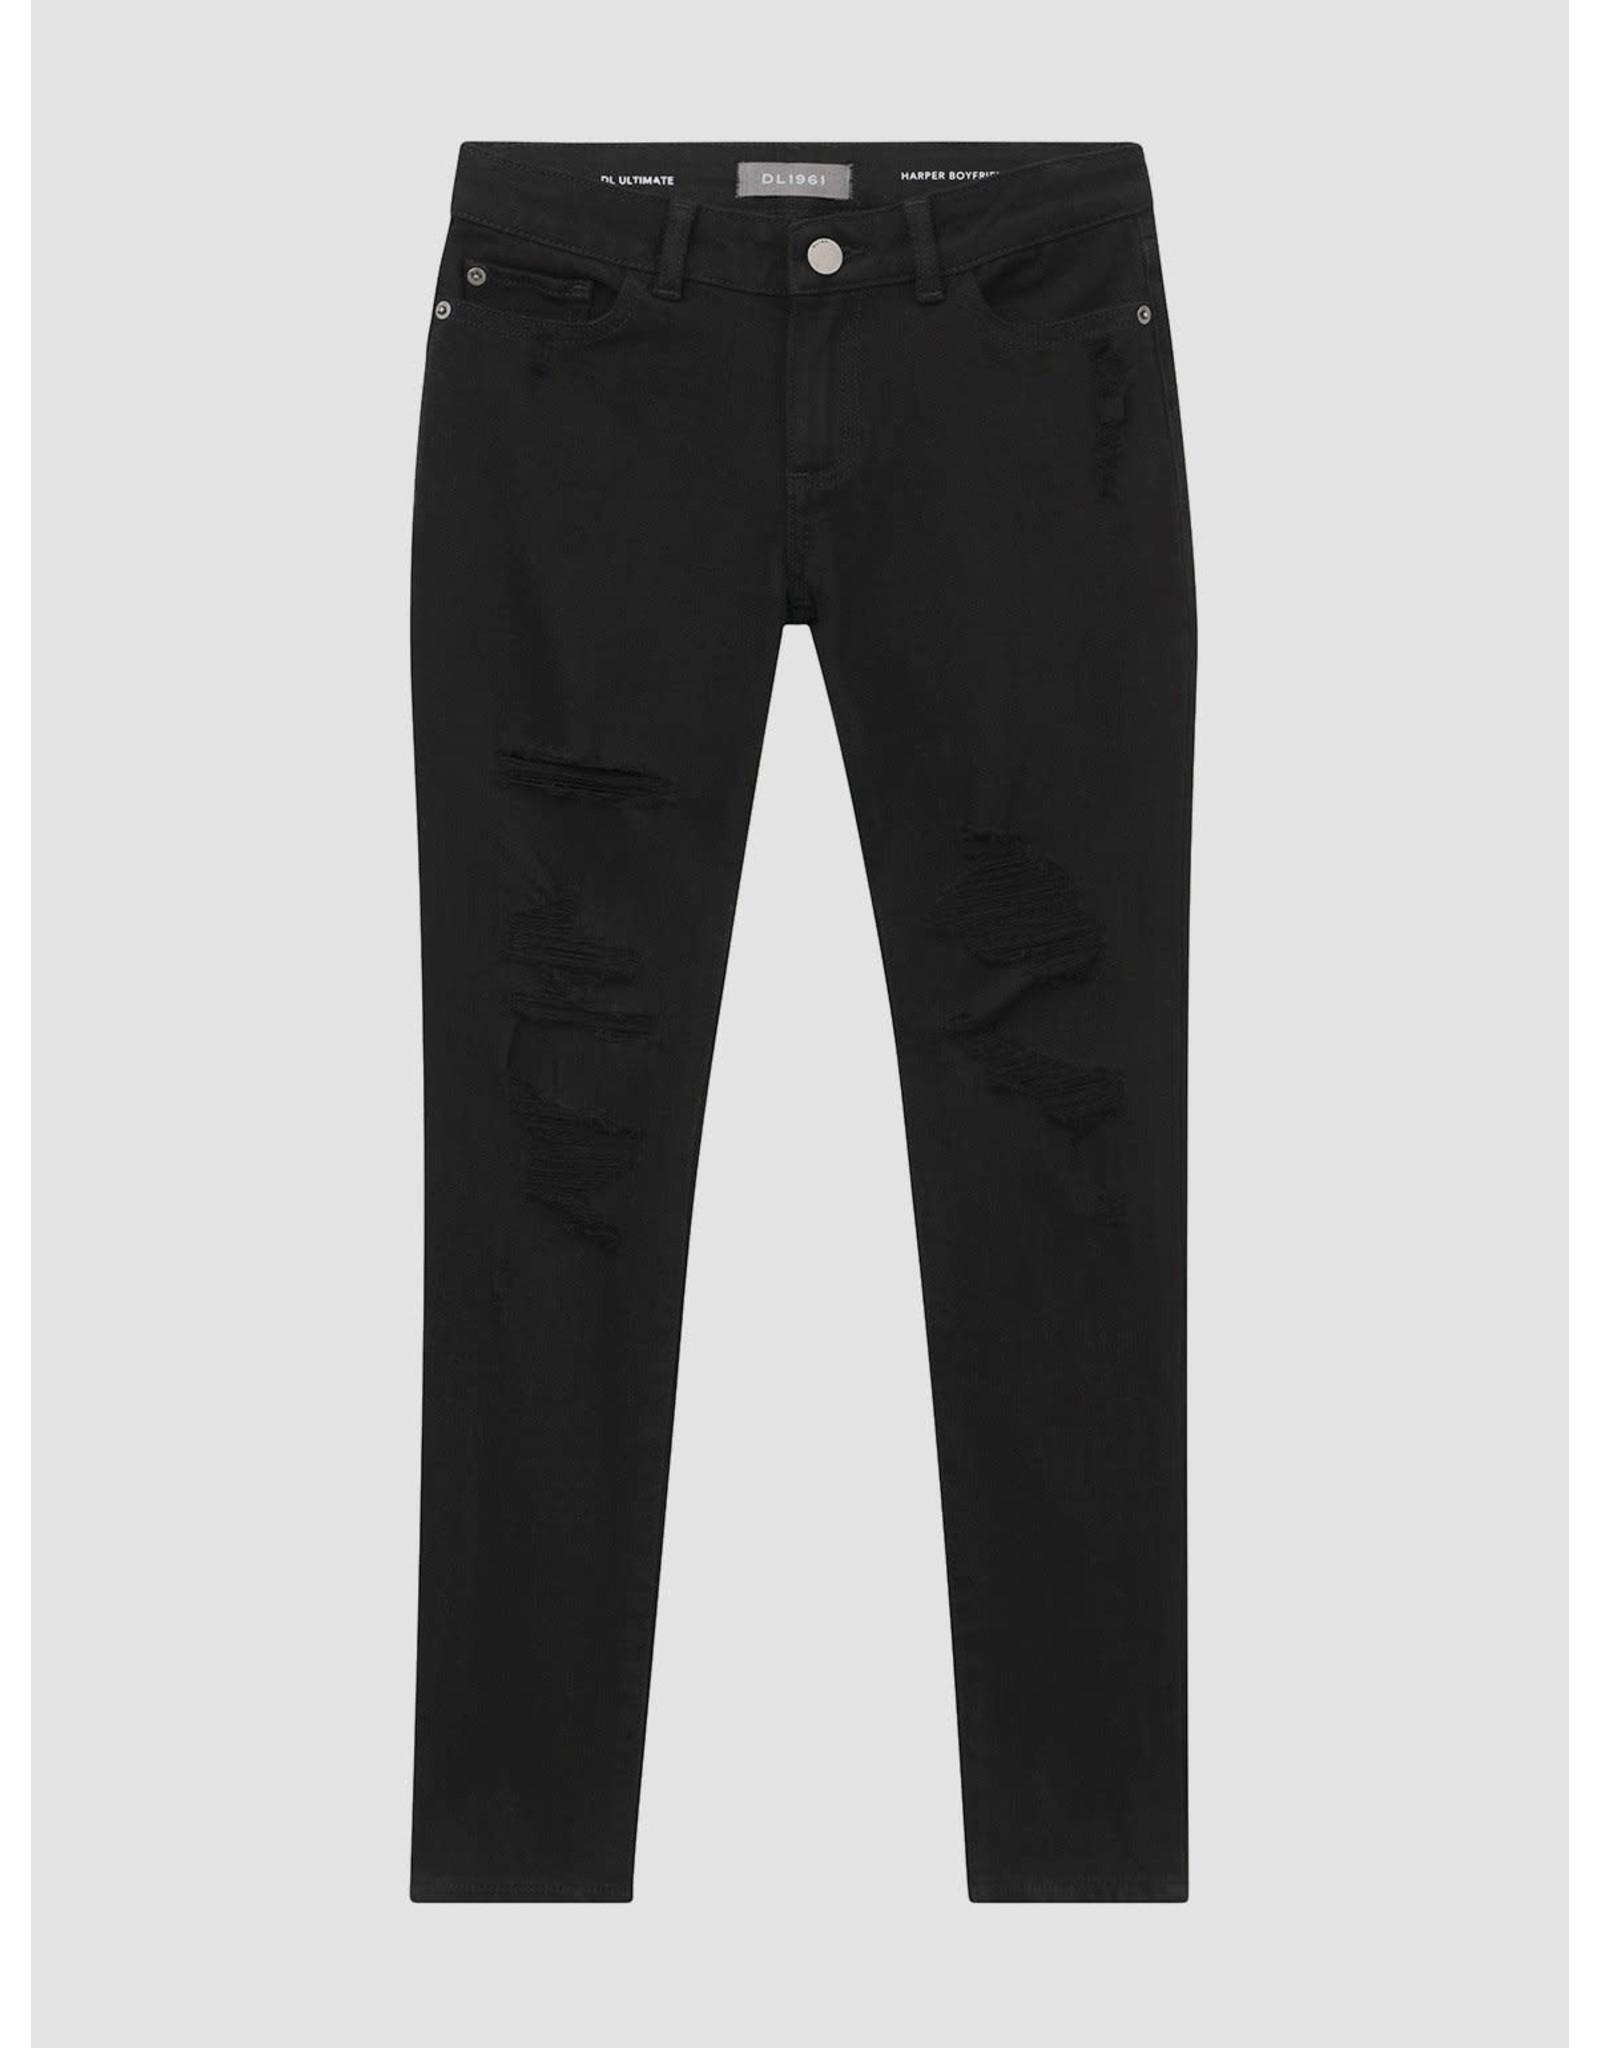 DL 1961 Harper BF Jeans